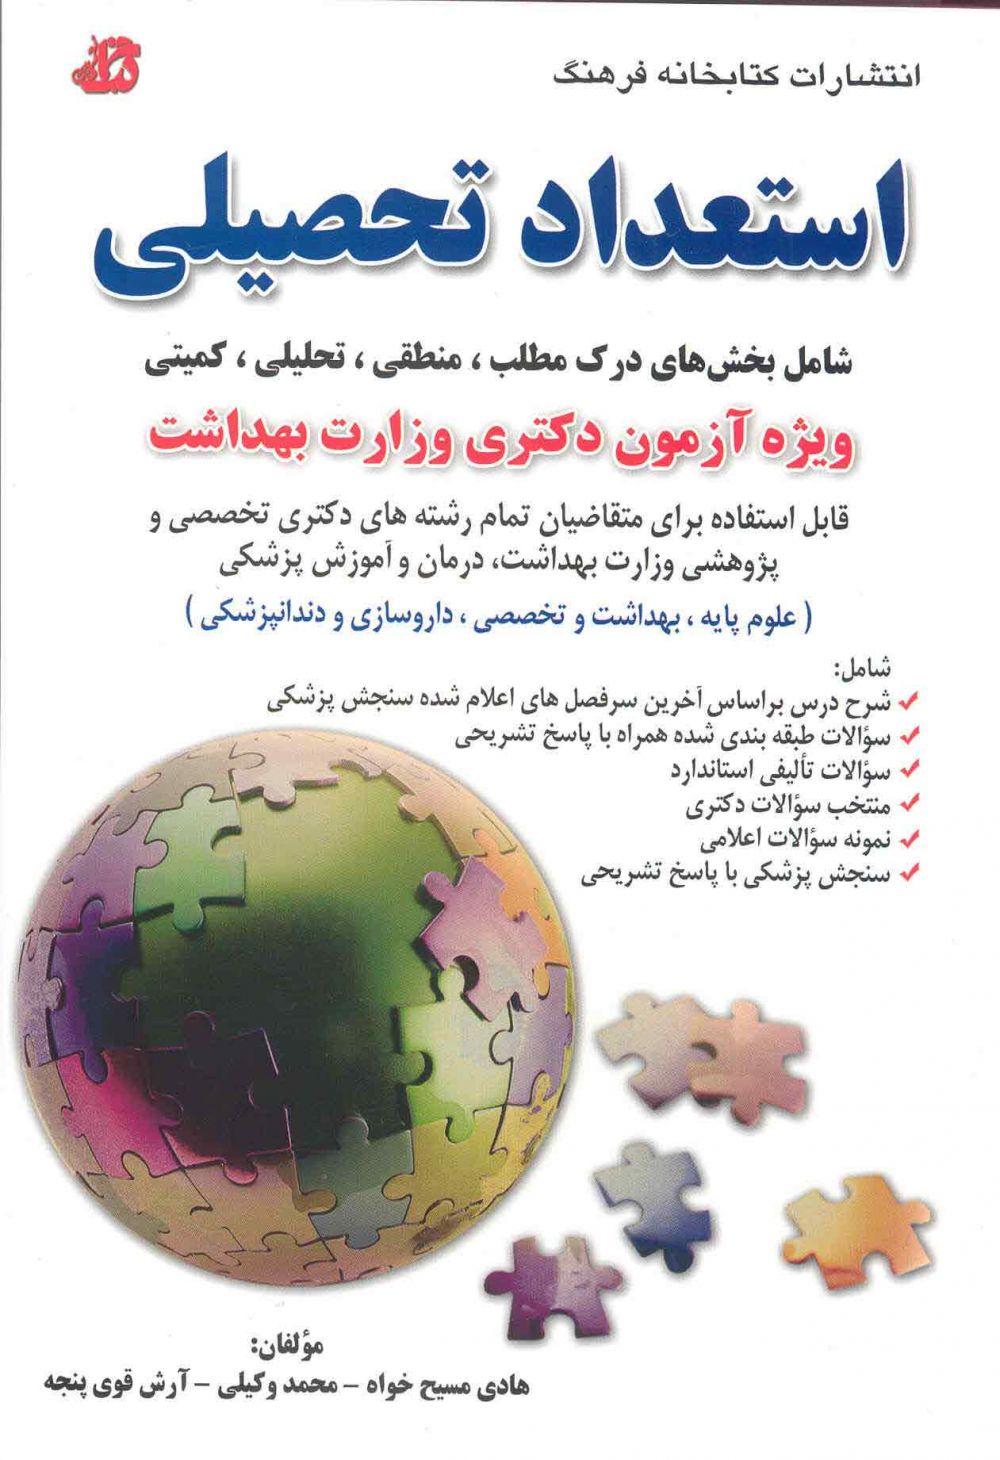 استعداد-تحصیلی-کتابخانه-فرهنگ-وزارت-بهداشت-دکتری